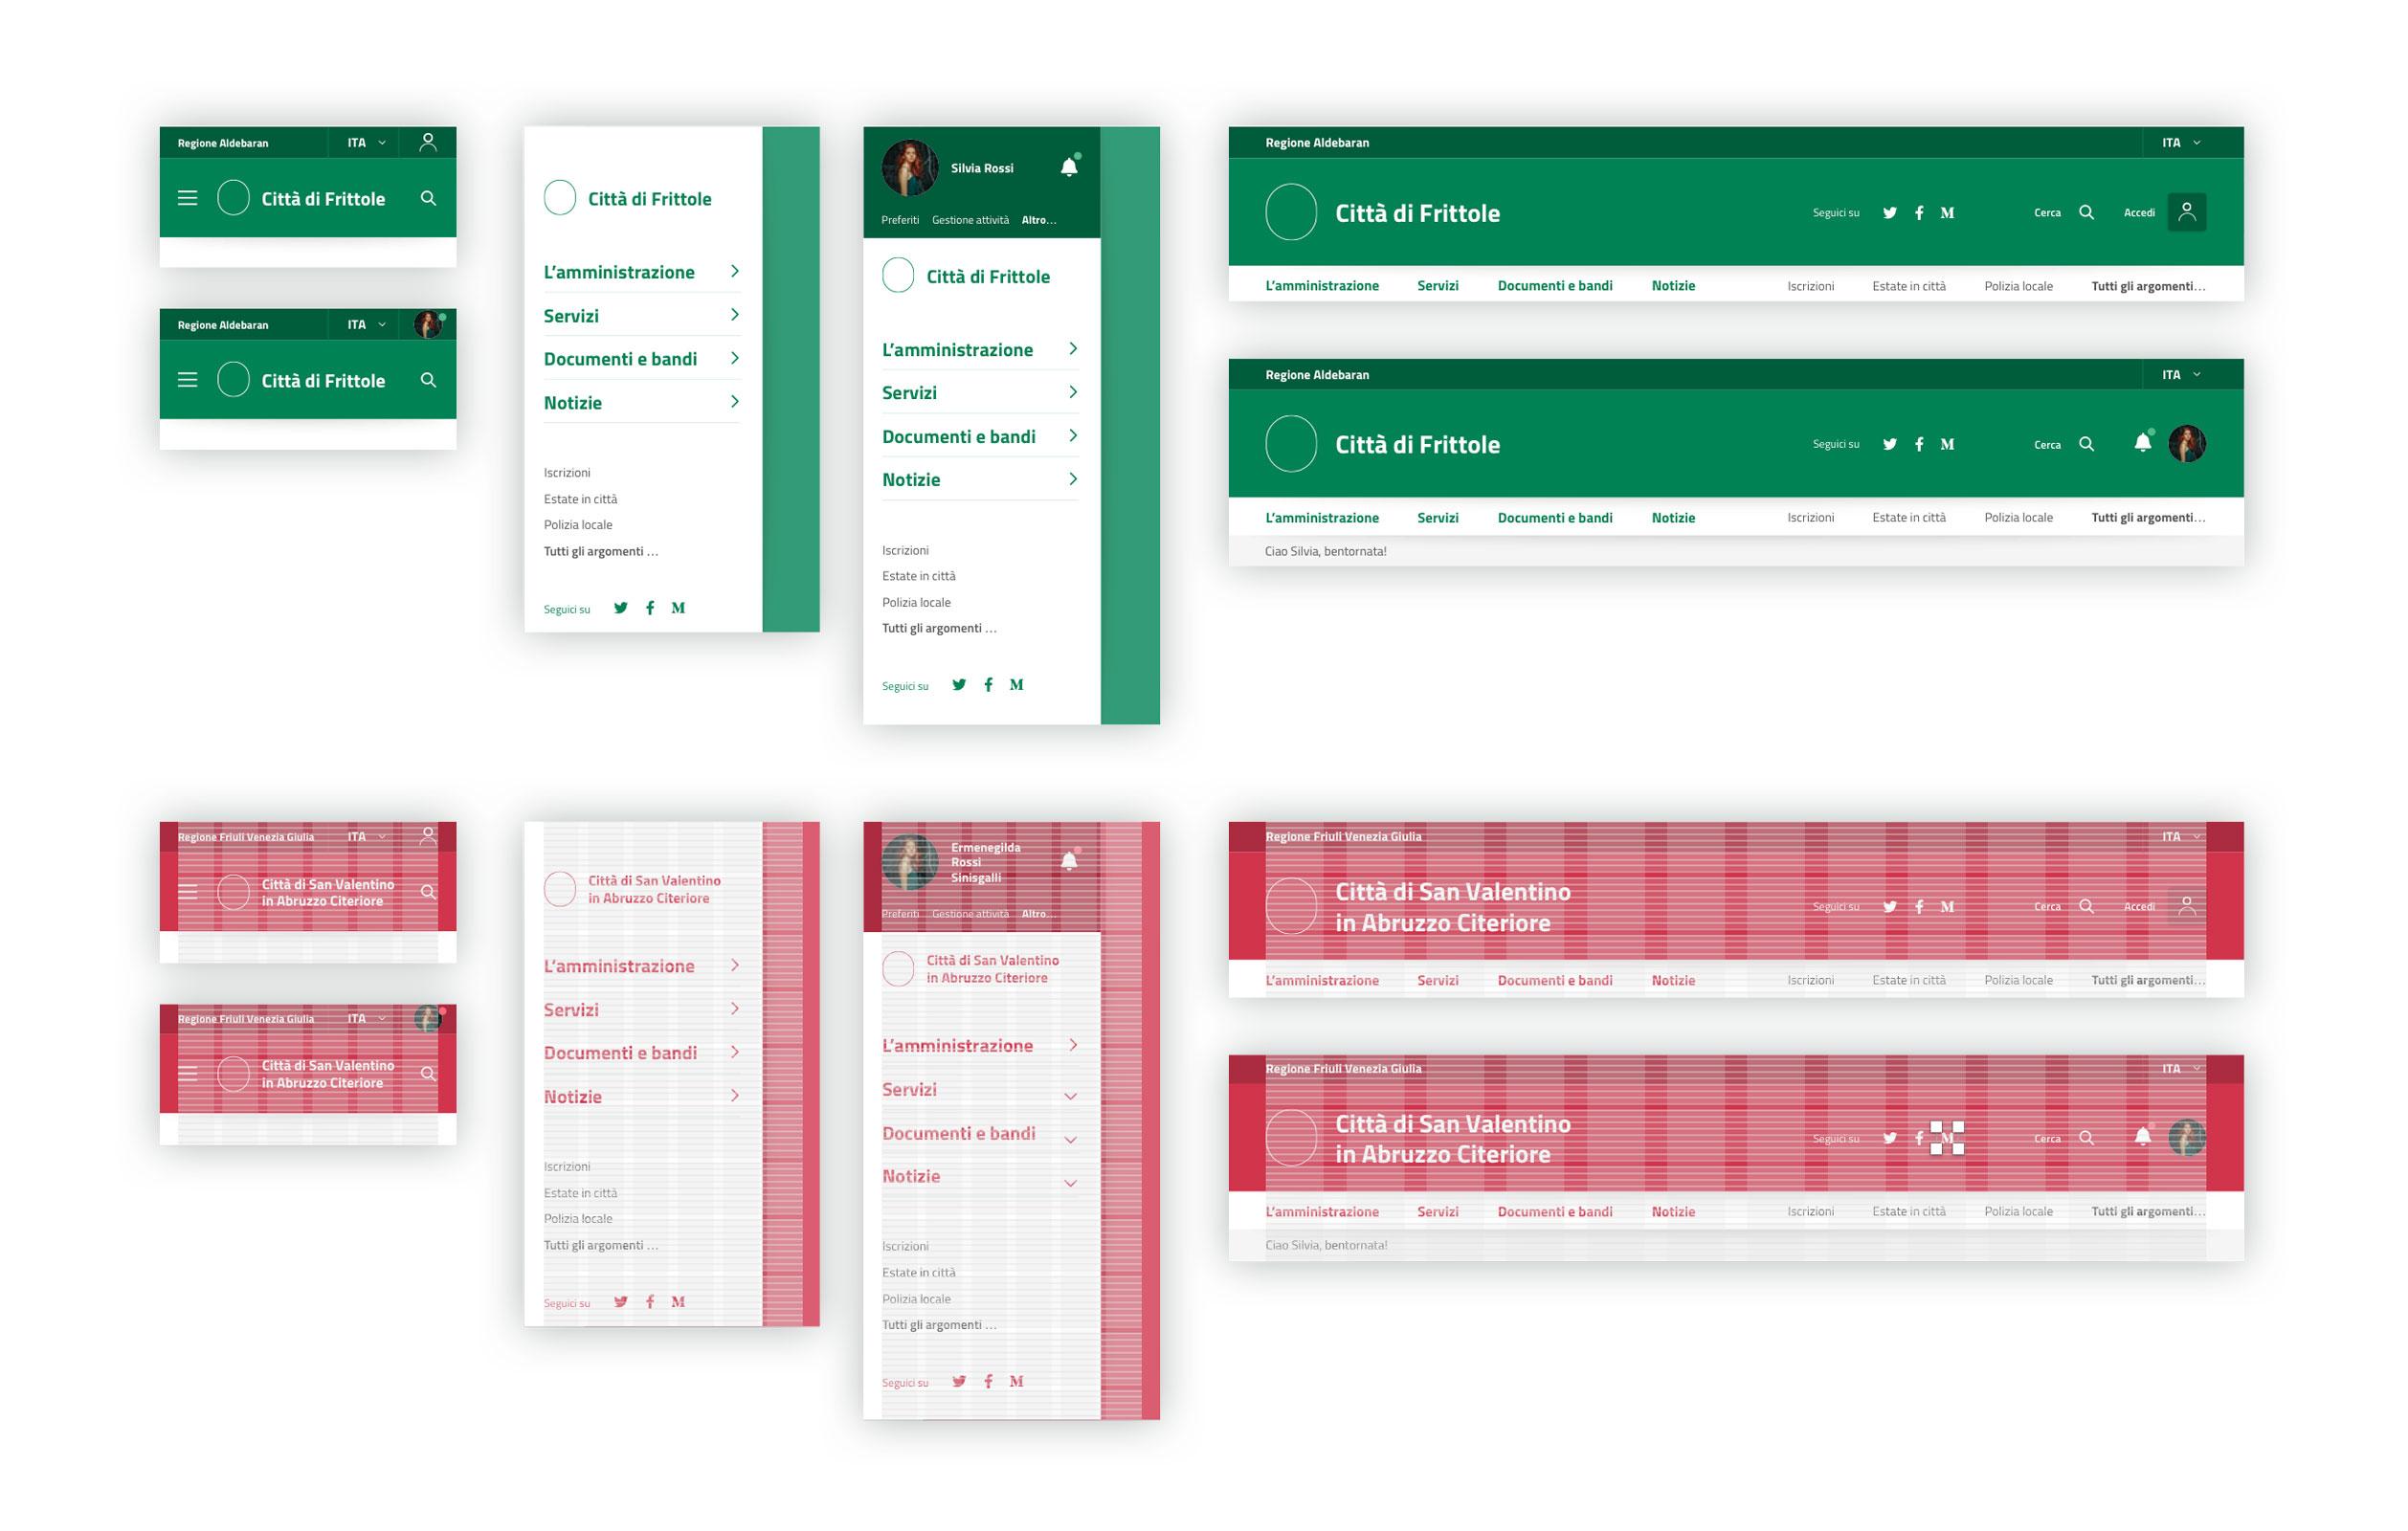 nasonero_Team-digitale_progetto-comuni-_header_pollittico